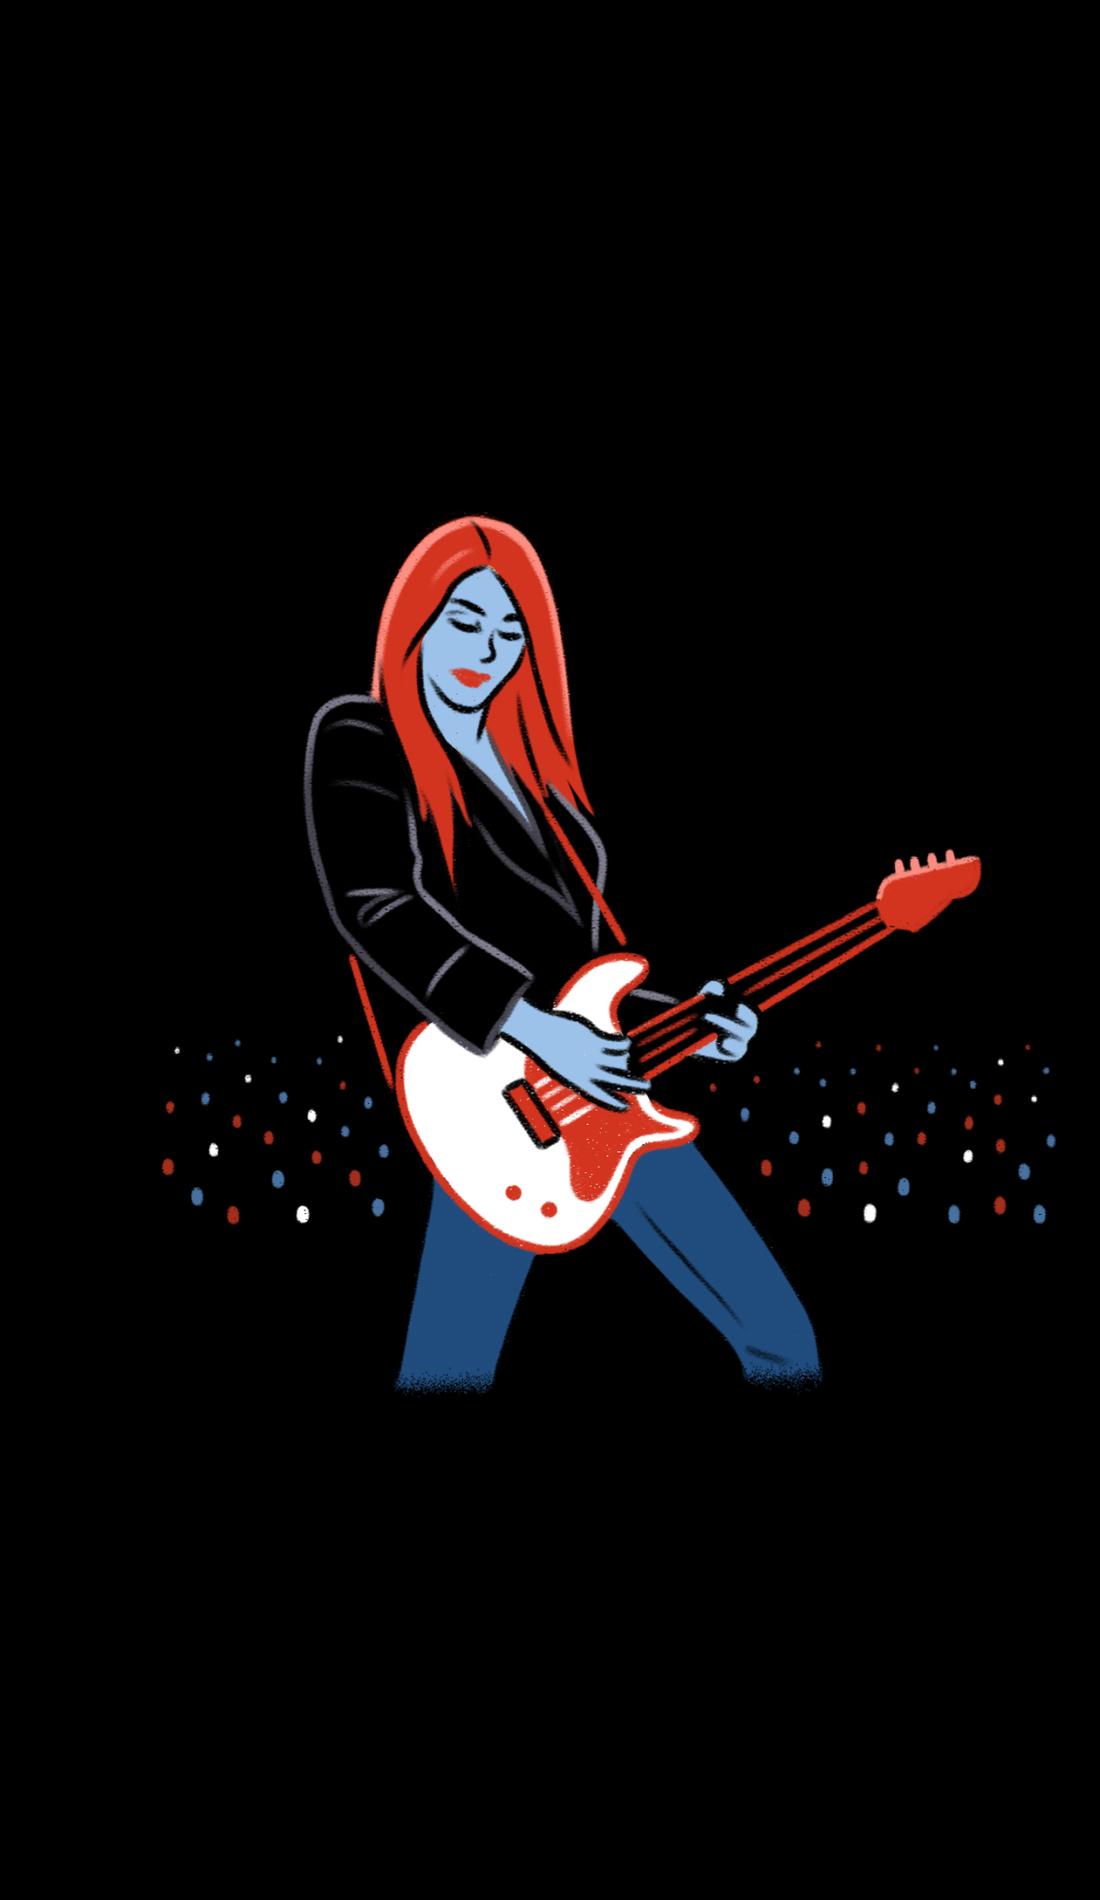 A Temporex live event